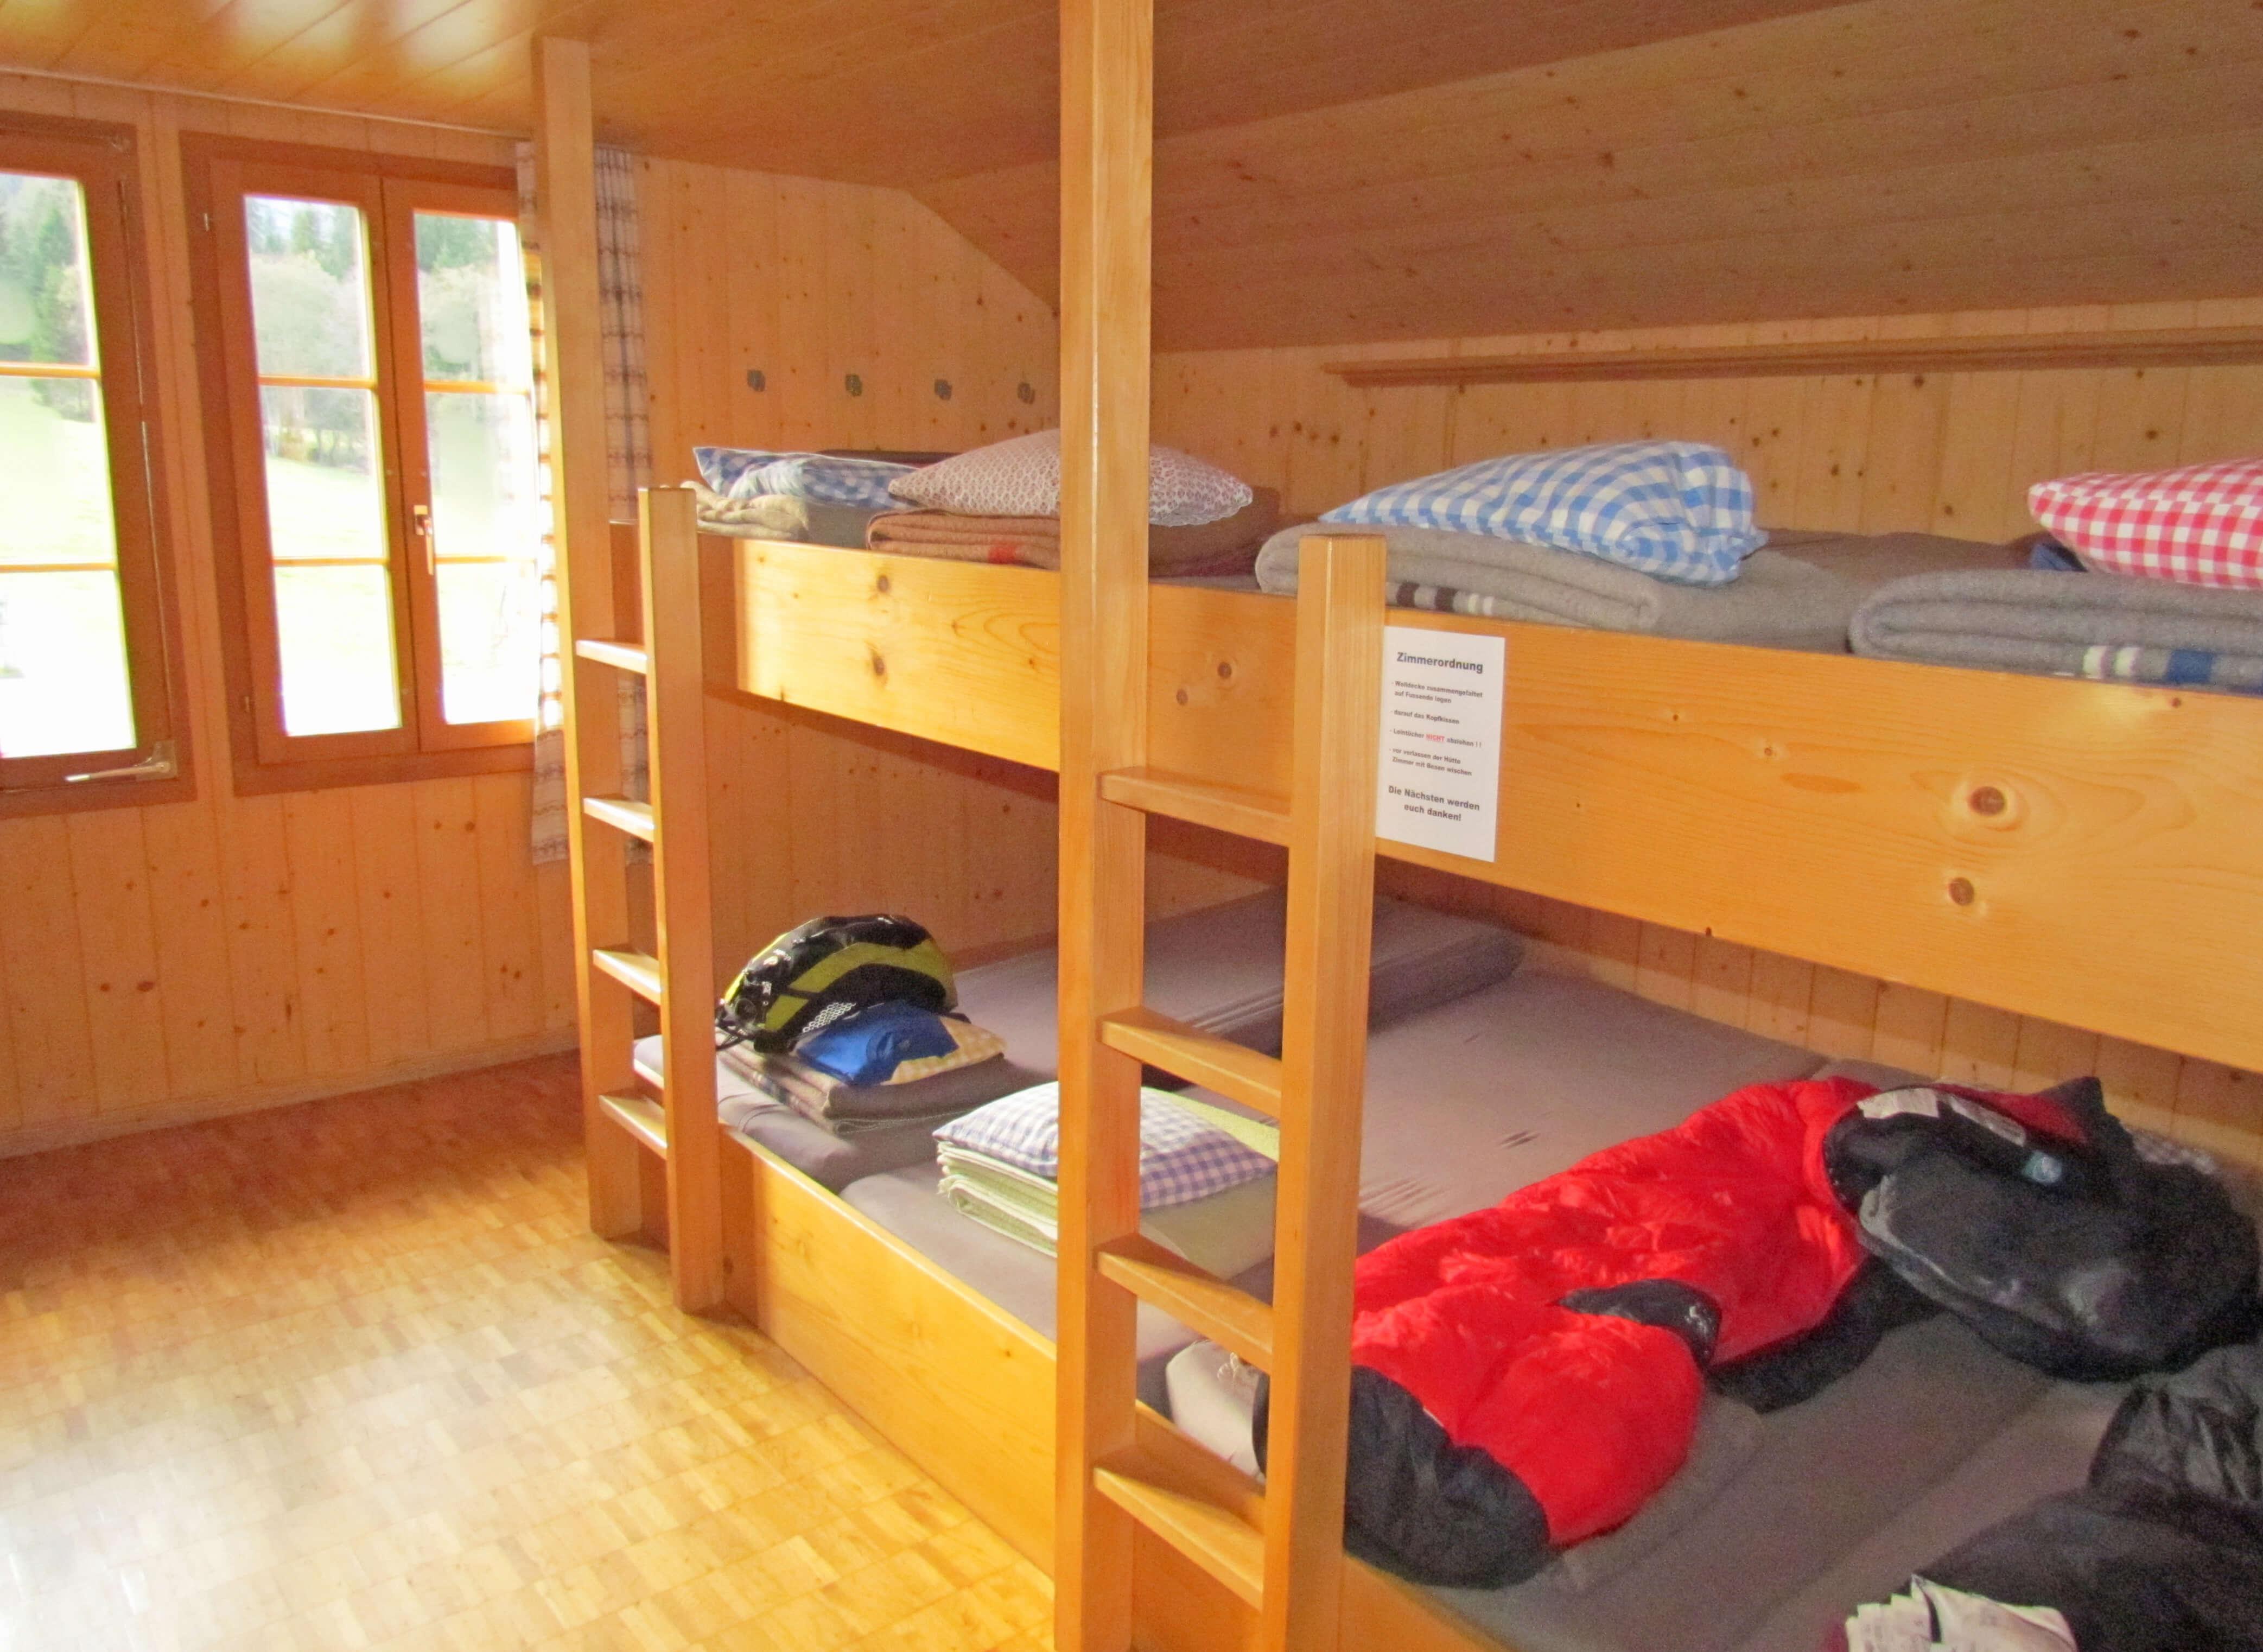 Schlafraum Etagebetten Wolldecken Massenlager Staldenmaadhütte